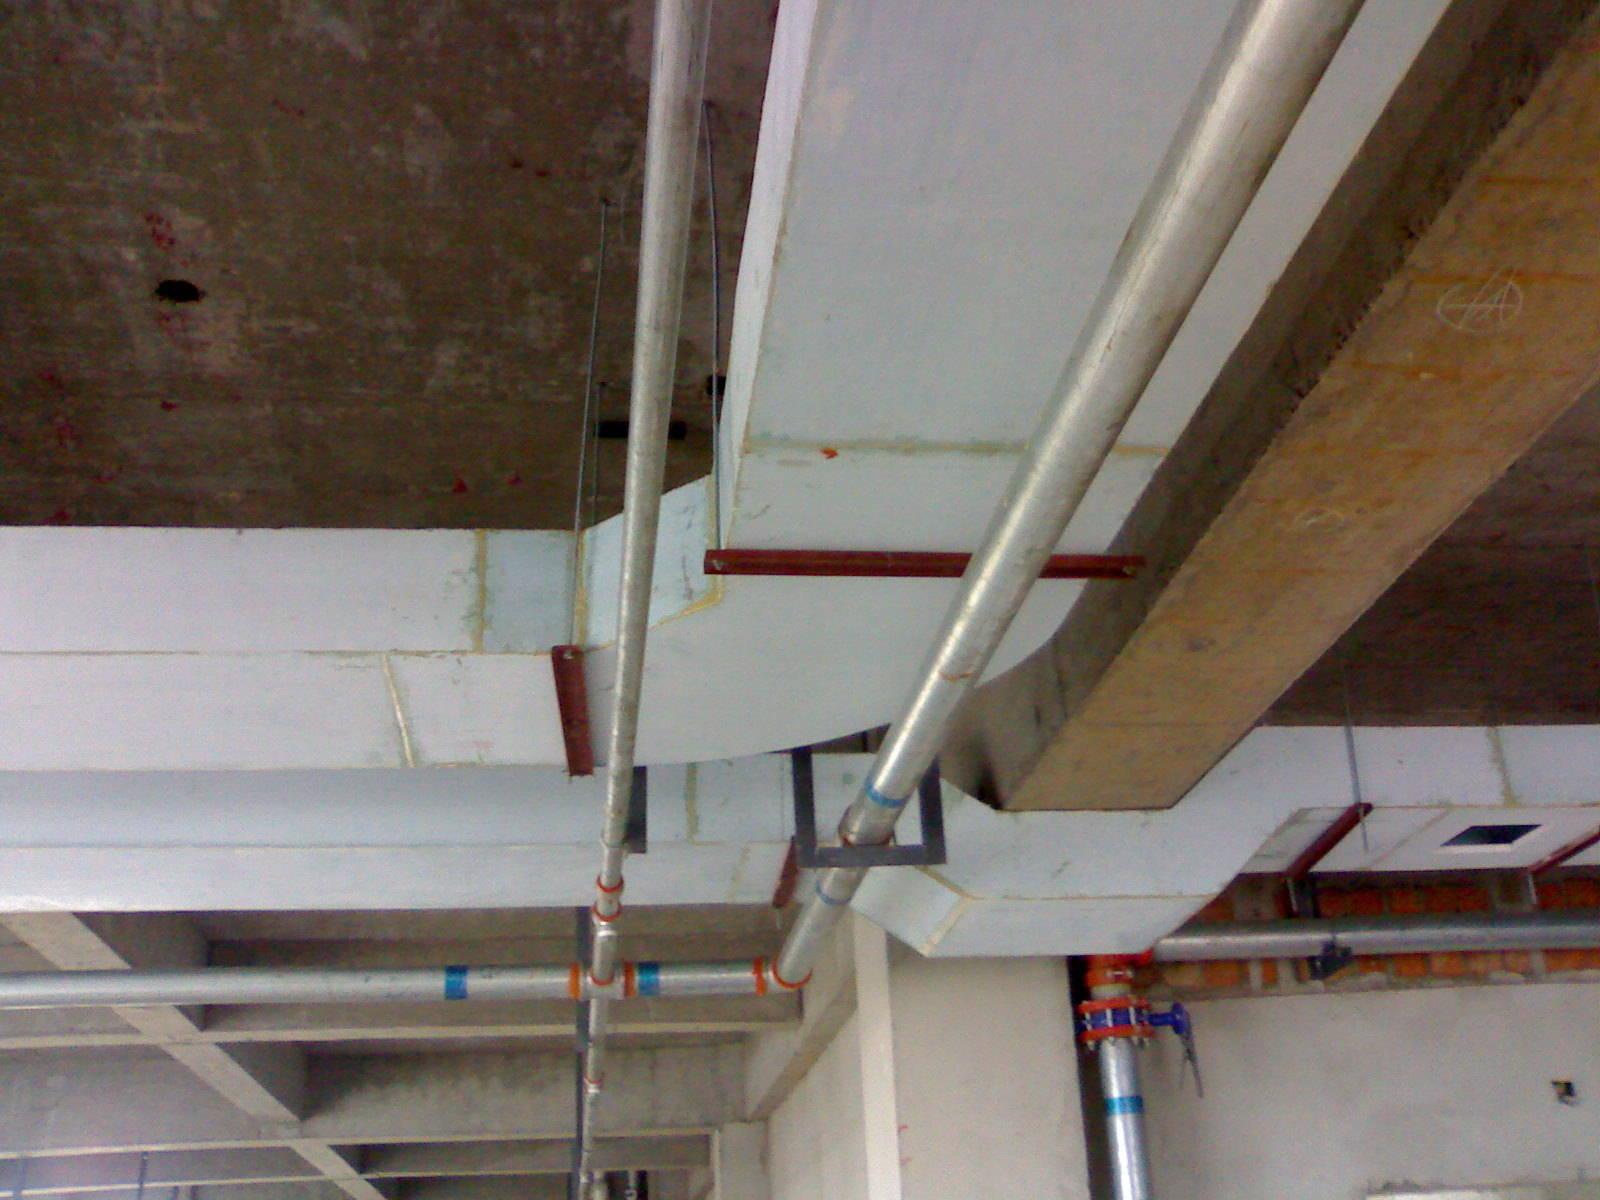 以上是玻镁复合风管的详细介绍,包括玻镁复合风管的厂家、价格、型